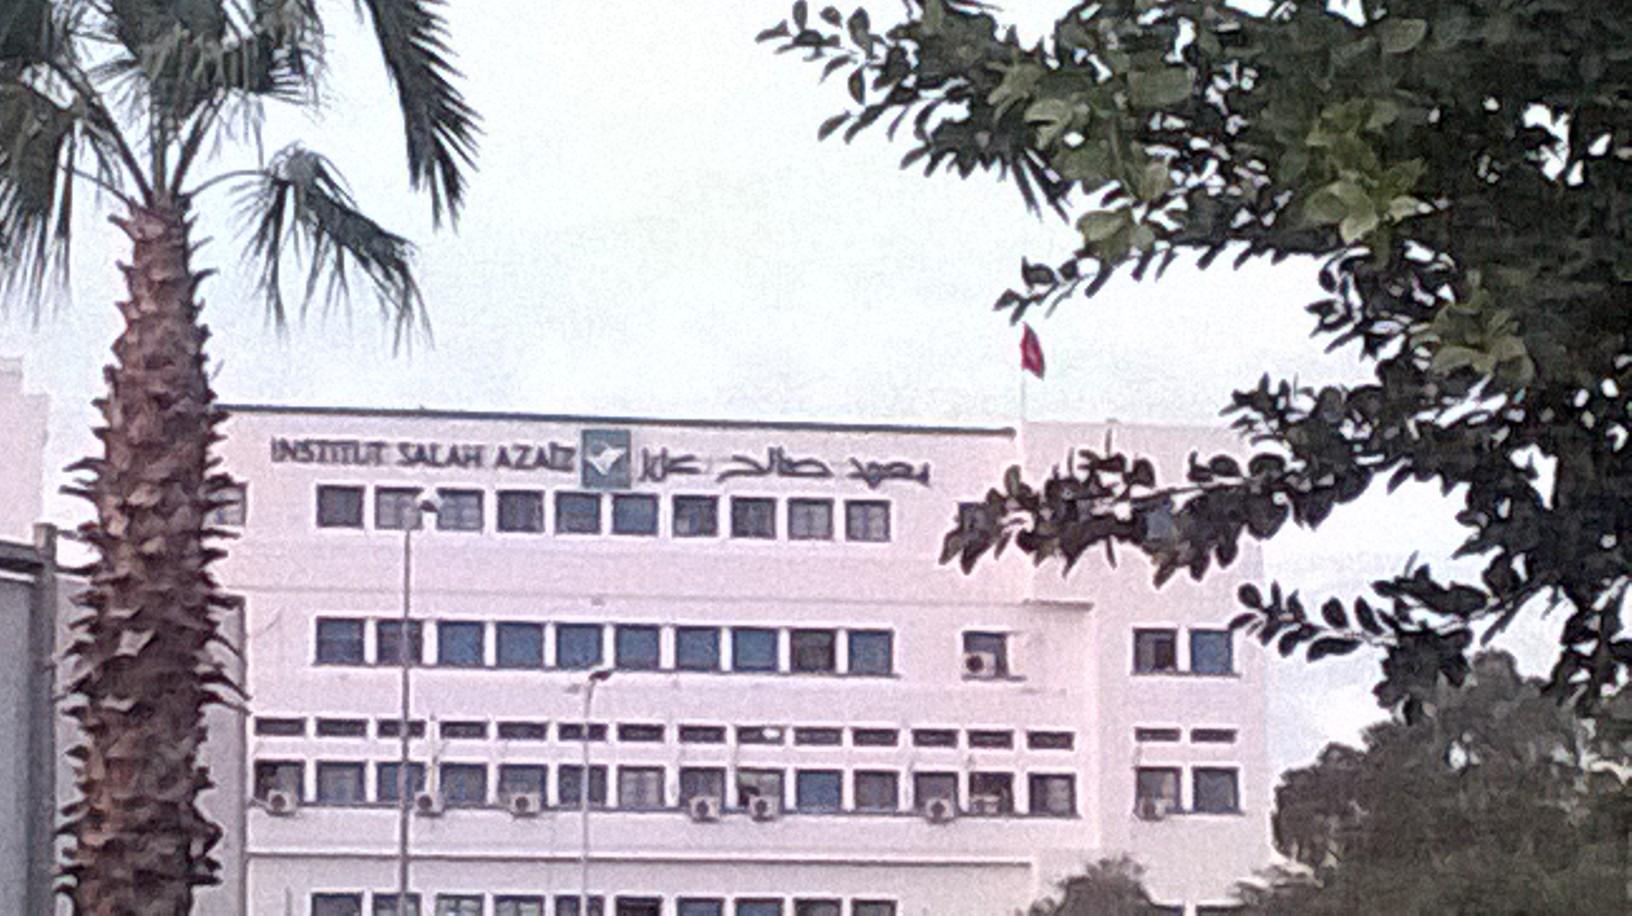 معهد صالح عزيز يدعو المرضى إلى تأجيل مواعيد المراقبة الدورية